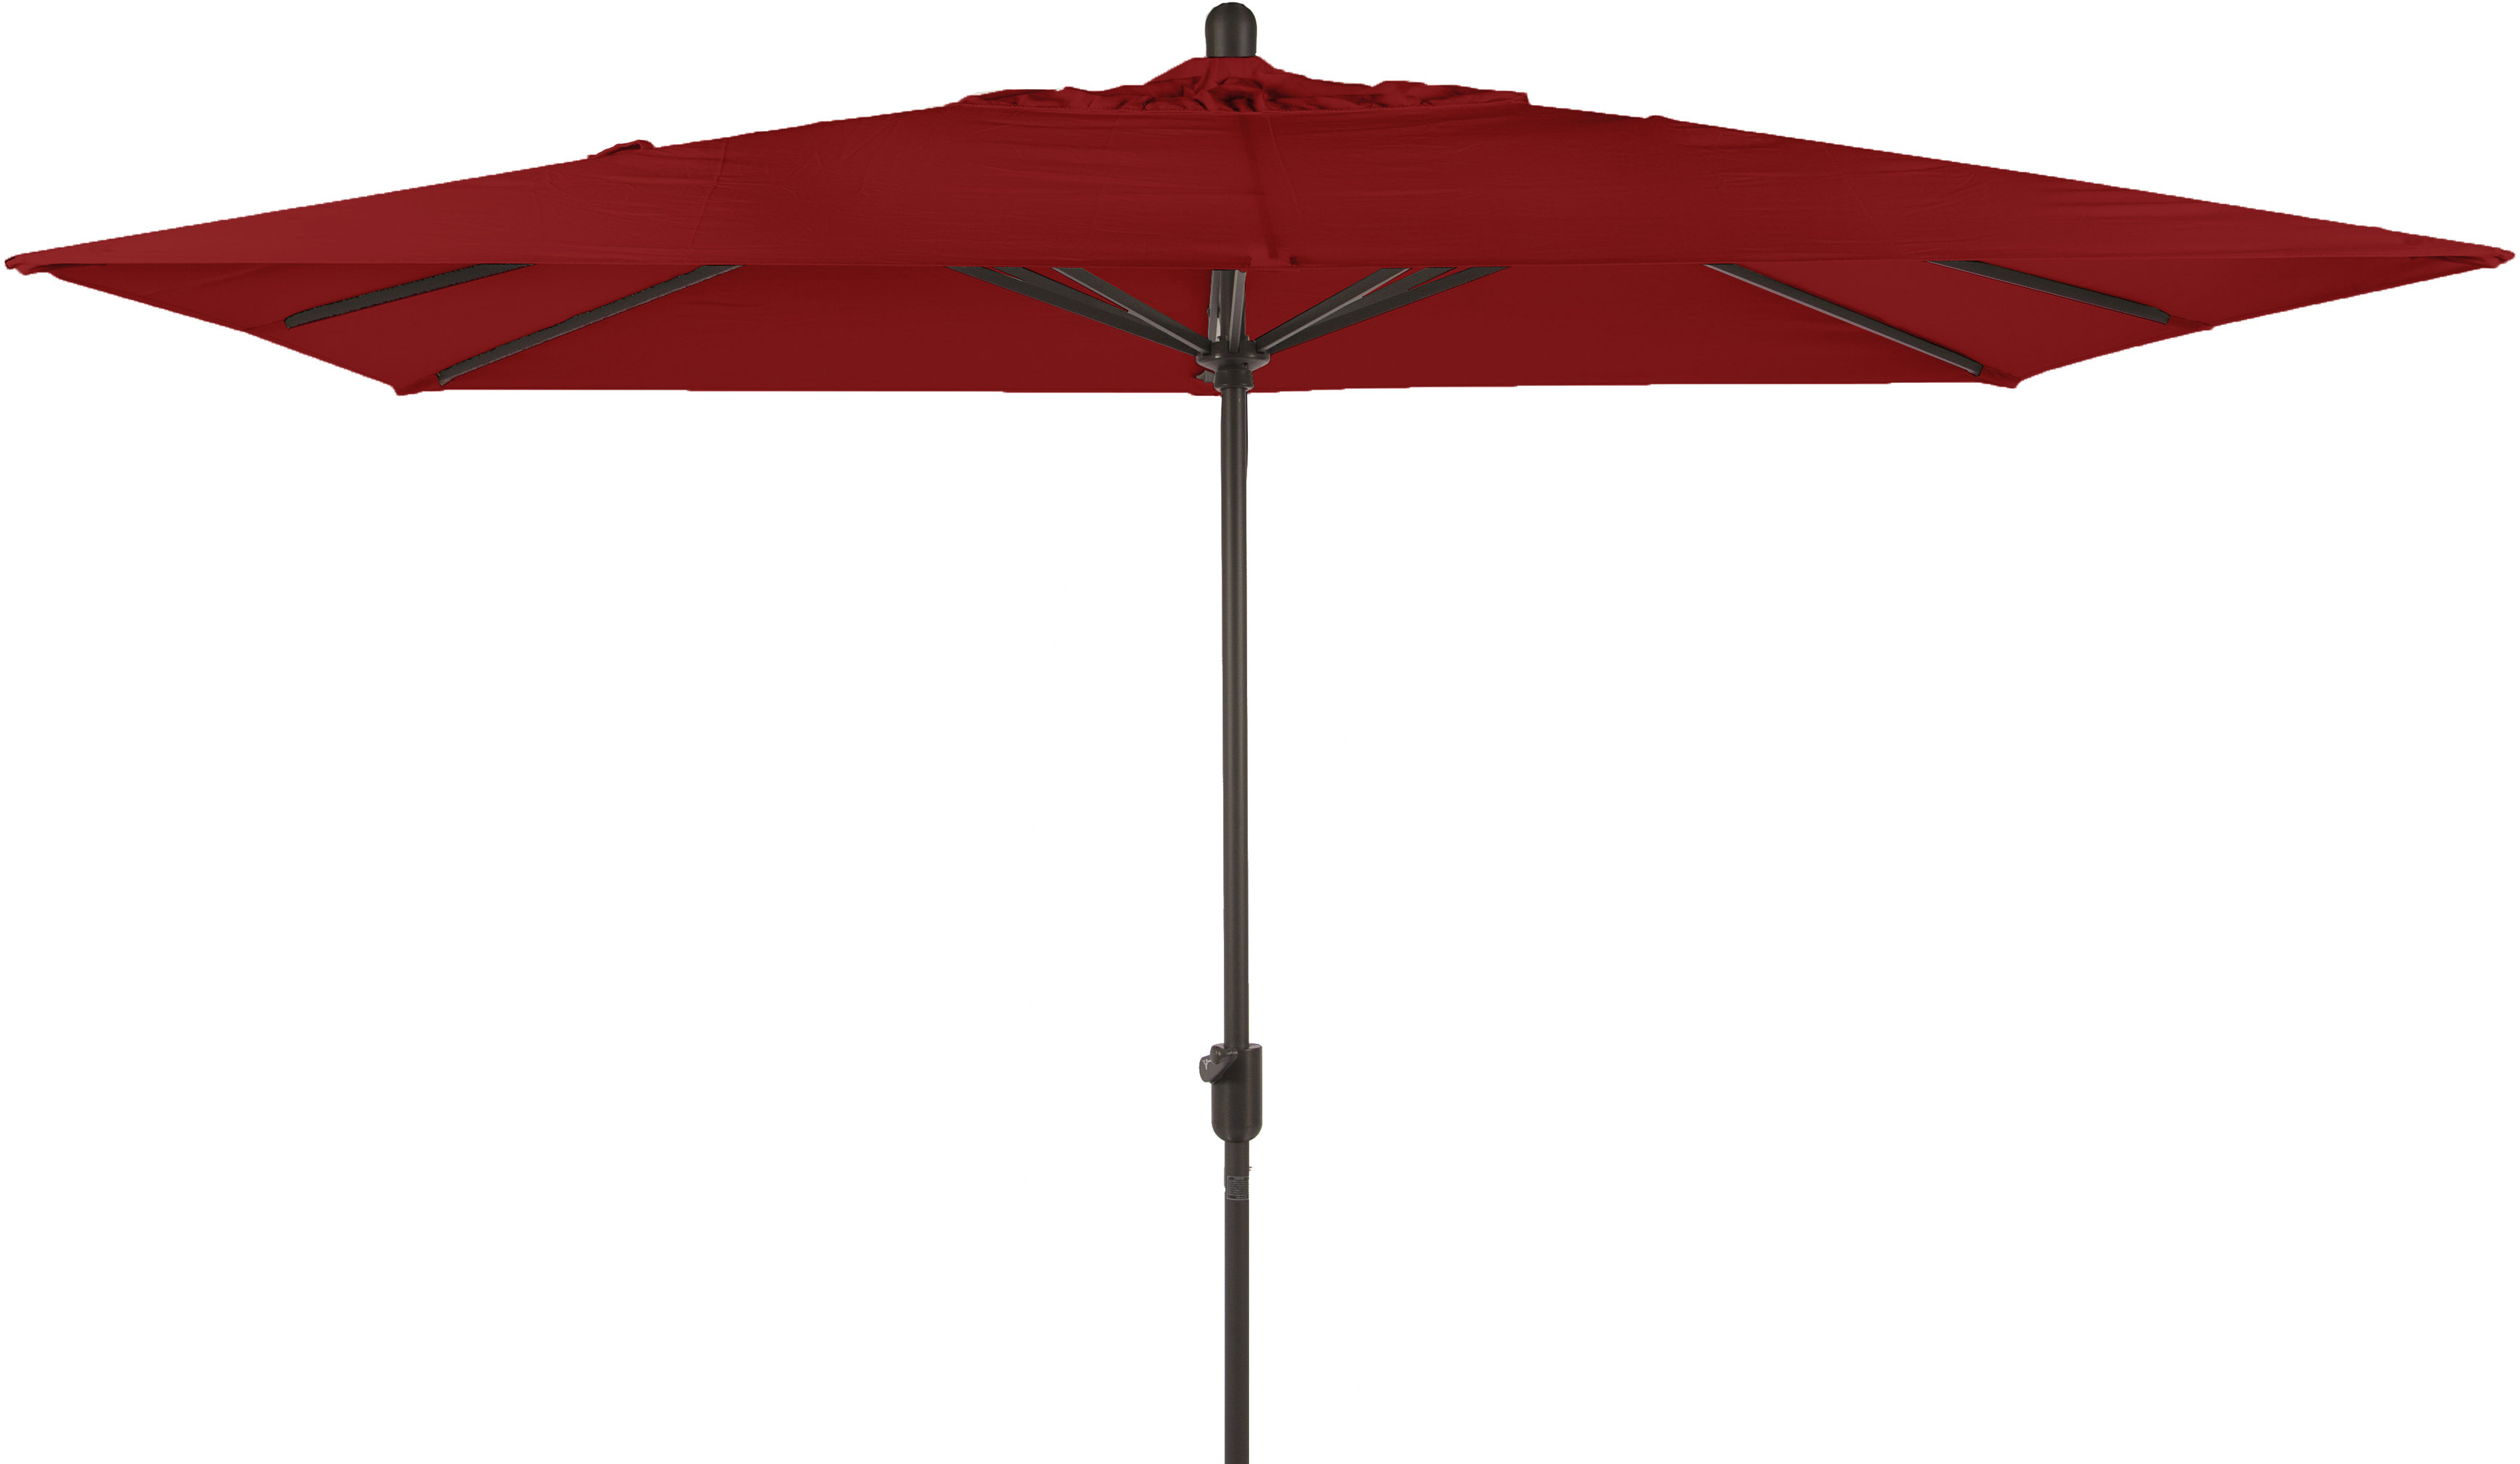 Wieczorek Auto Tilt Rectangular Market Sunbrella Umbrellas Intended For 2019 Alexander 10' X (View 19 of 20)